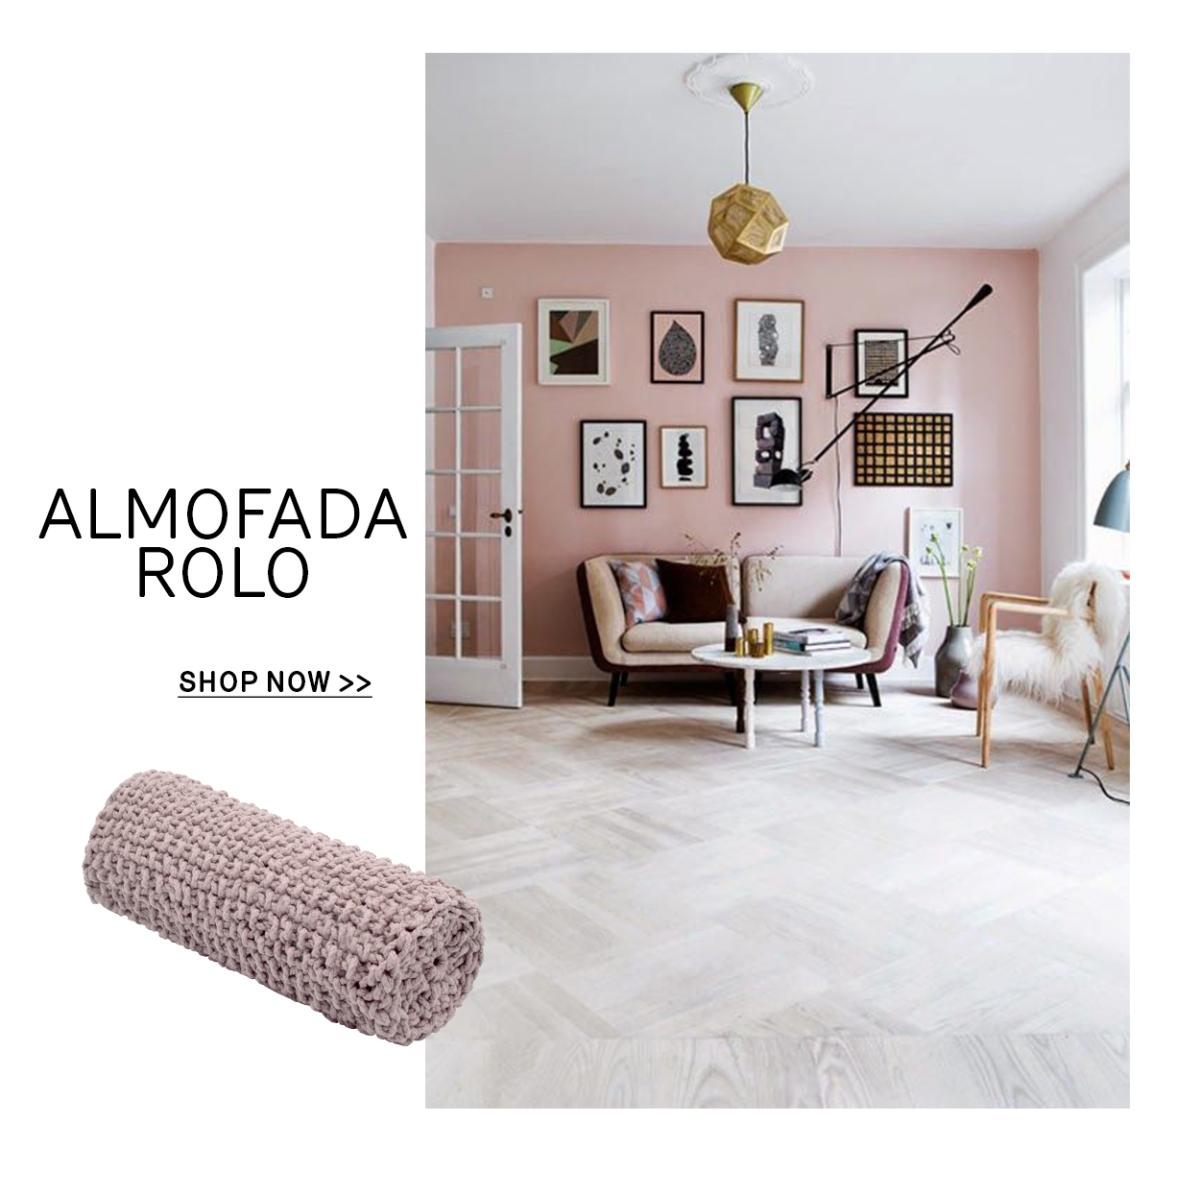 almofada rolo2